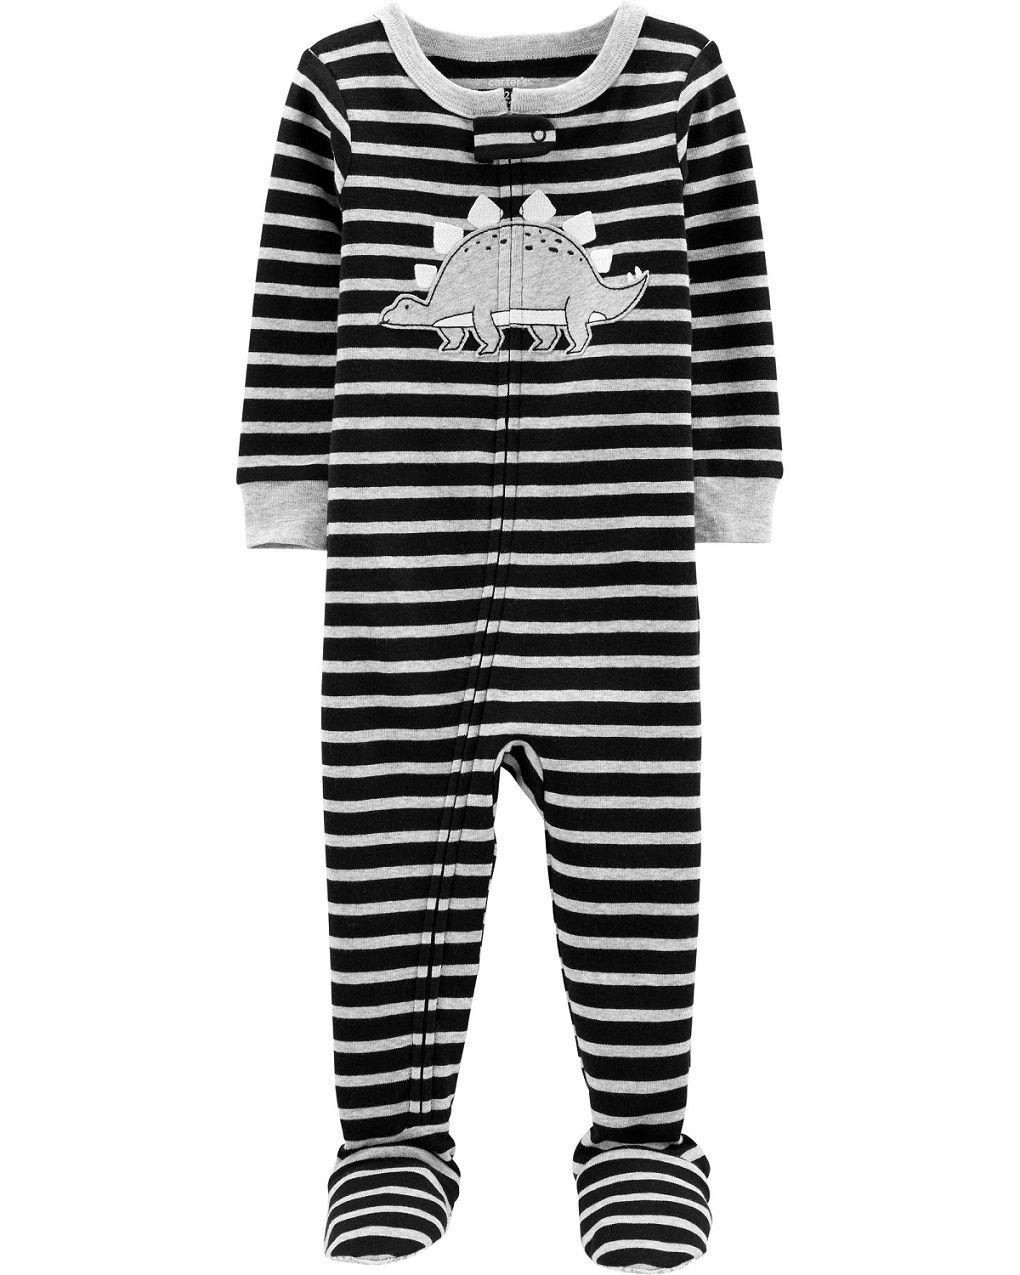 Pijama macacão de malha preto estegossauro - Carters  - Kaiuru Kids